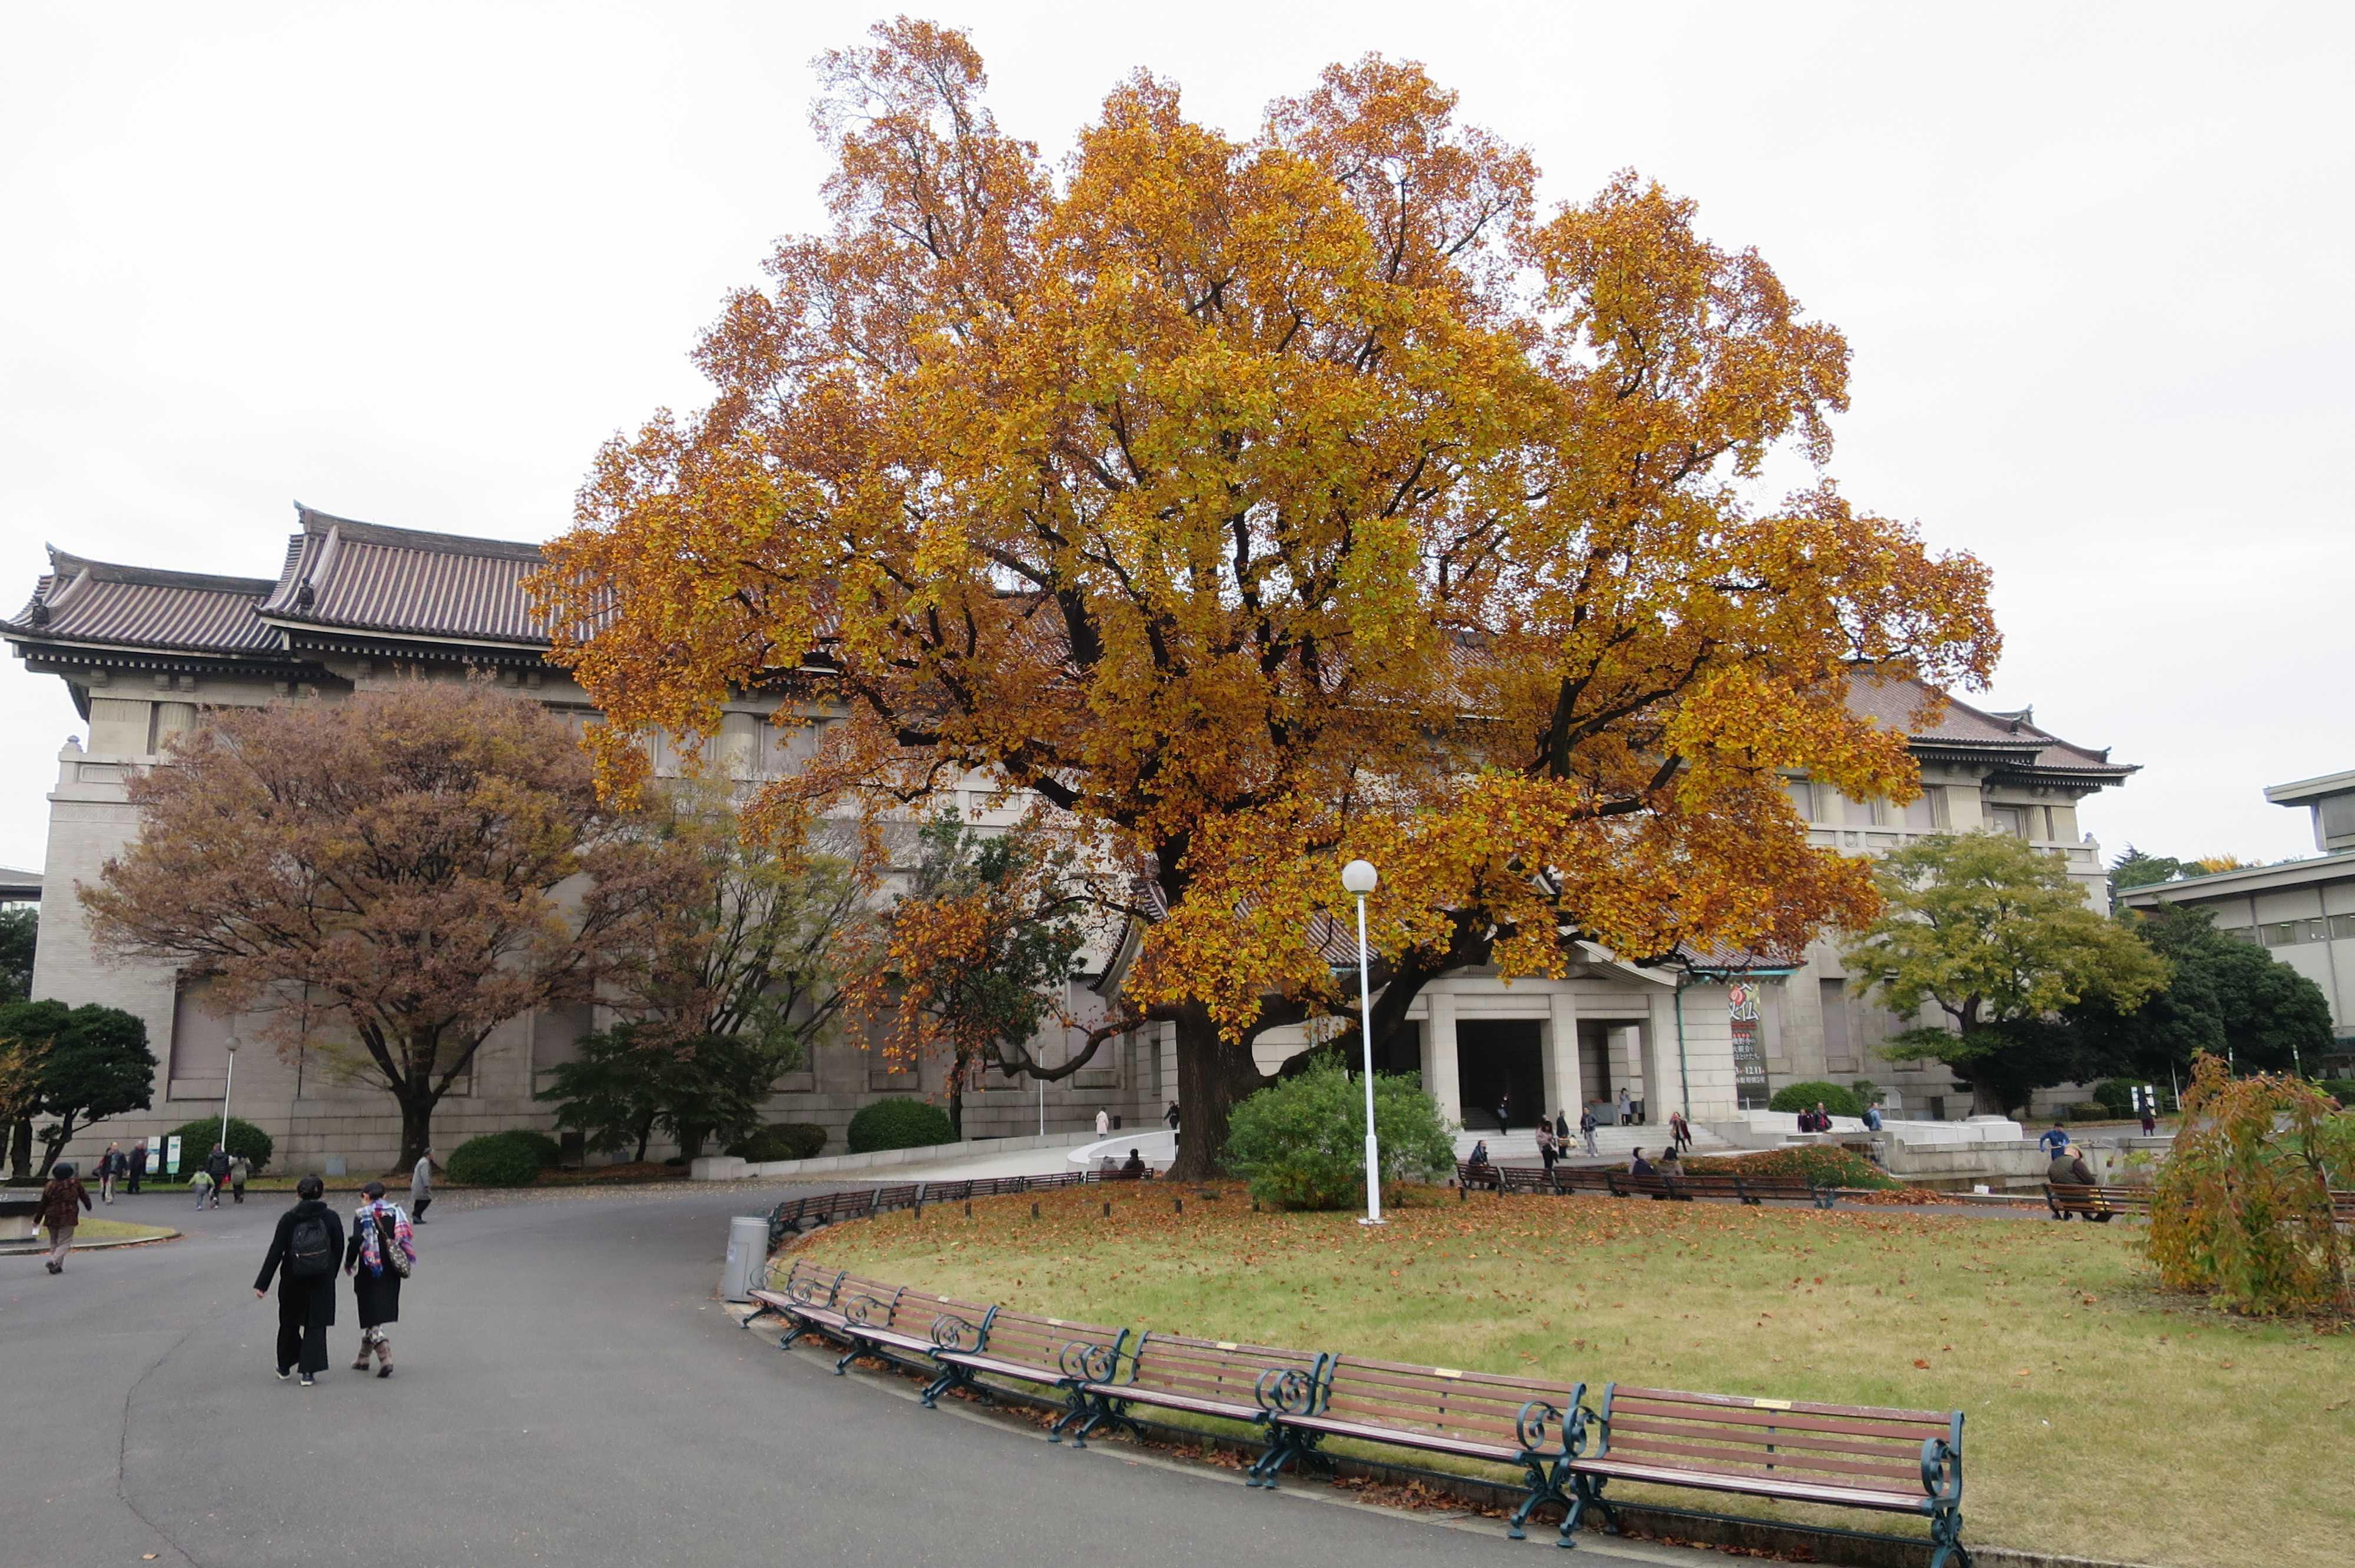 ユリノキの大木 - 東京国立博物館